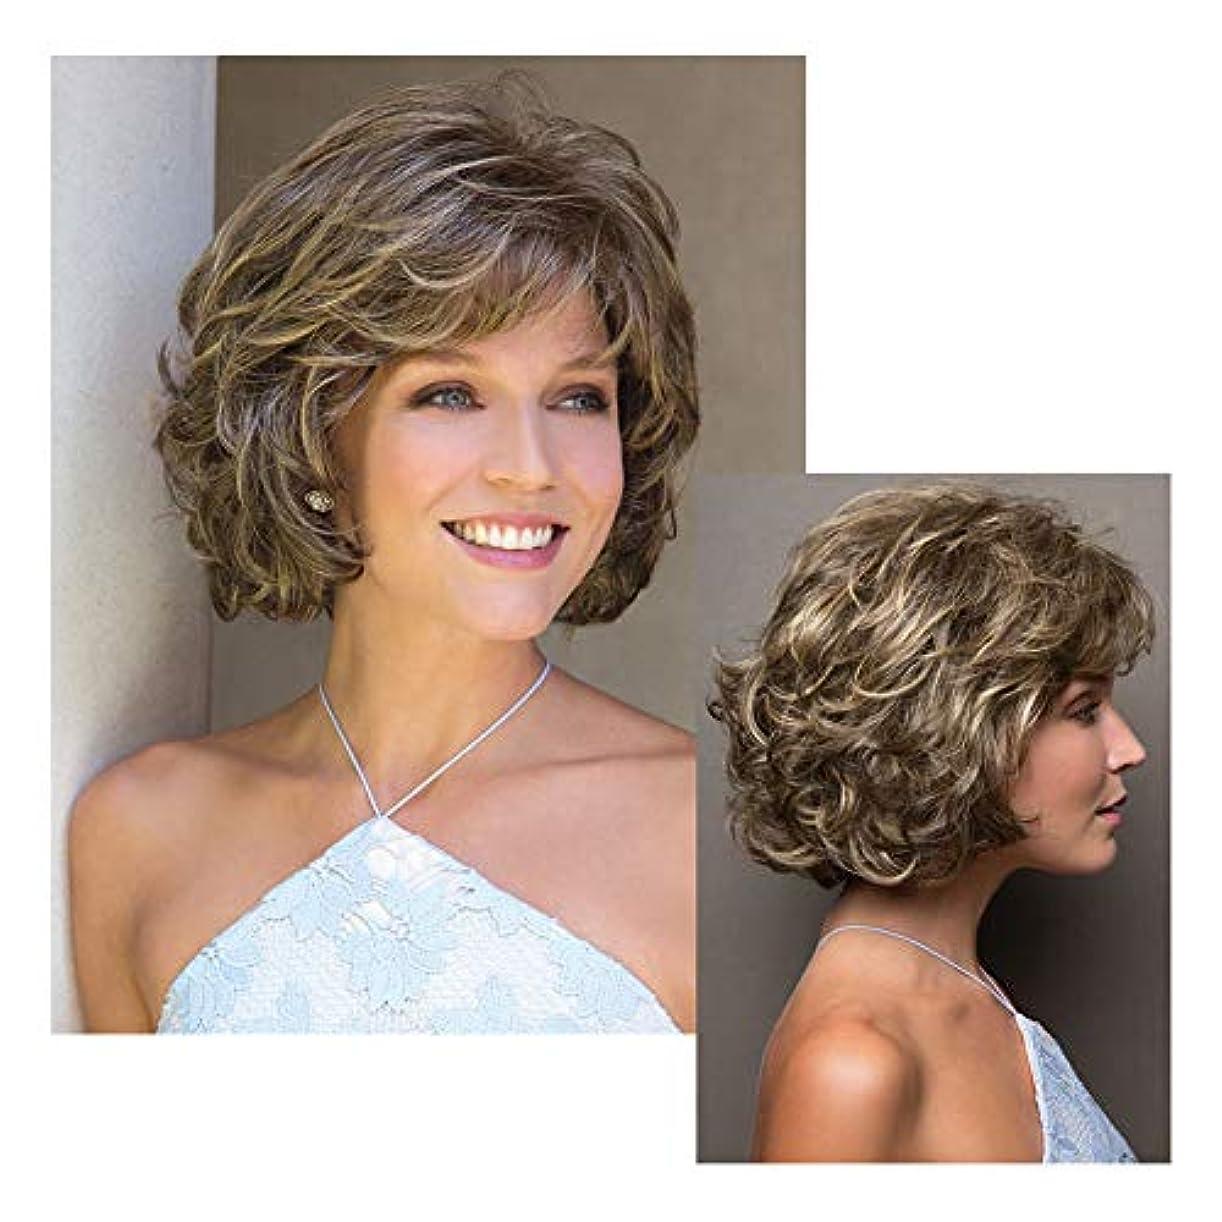 使役を除く前提条件女性用フルウィッグ、10 ``自然な茶色がかった黄色の短い巻き毛の毎日のドレスコスプレパーティーヘアピース